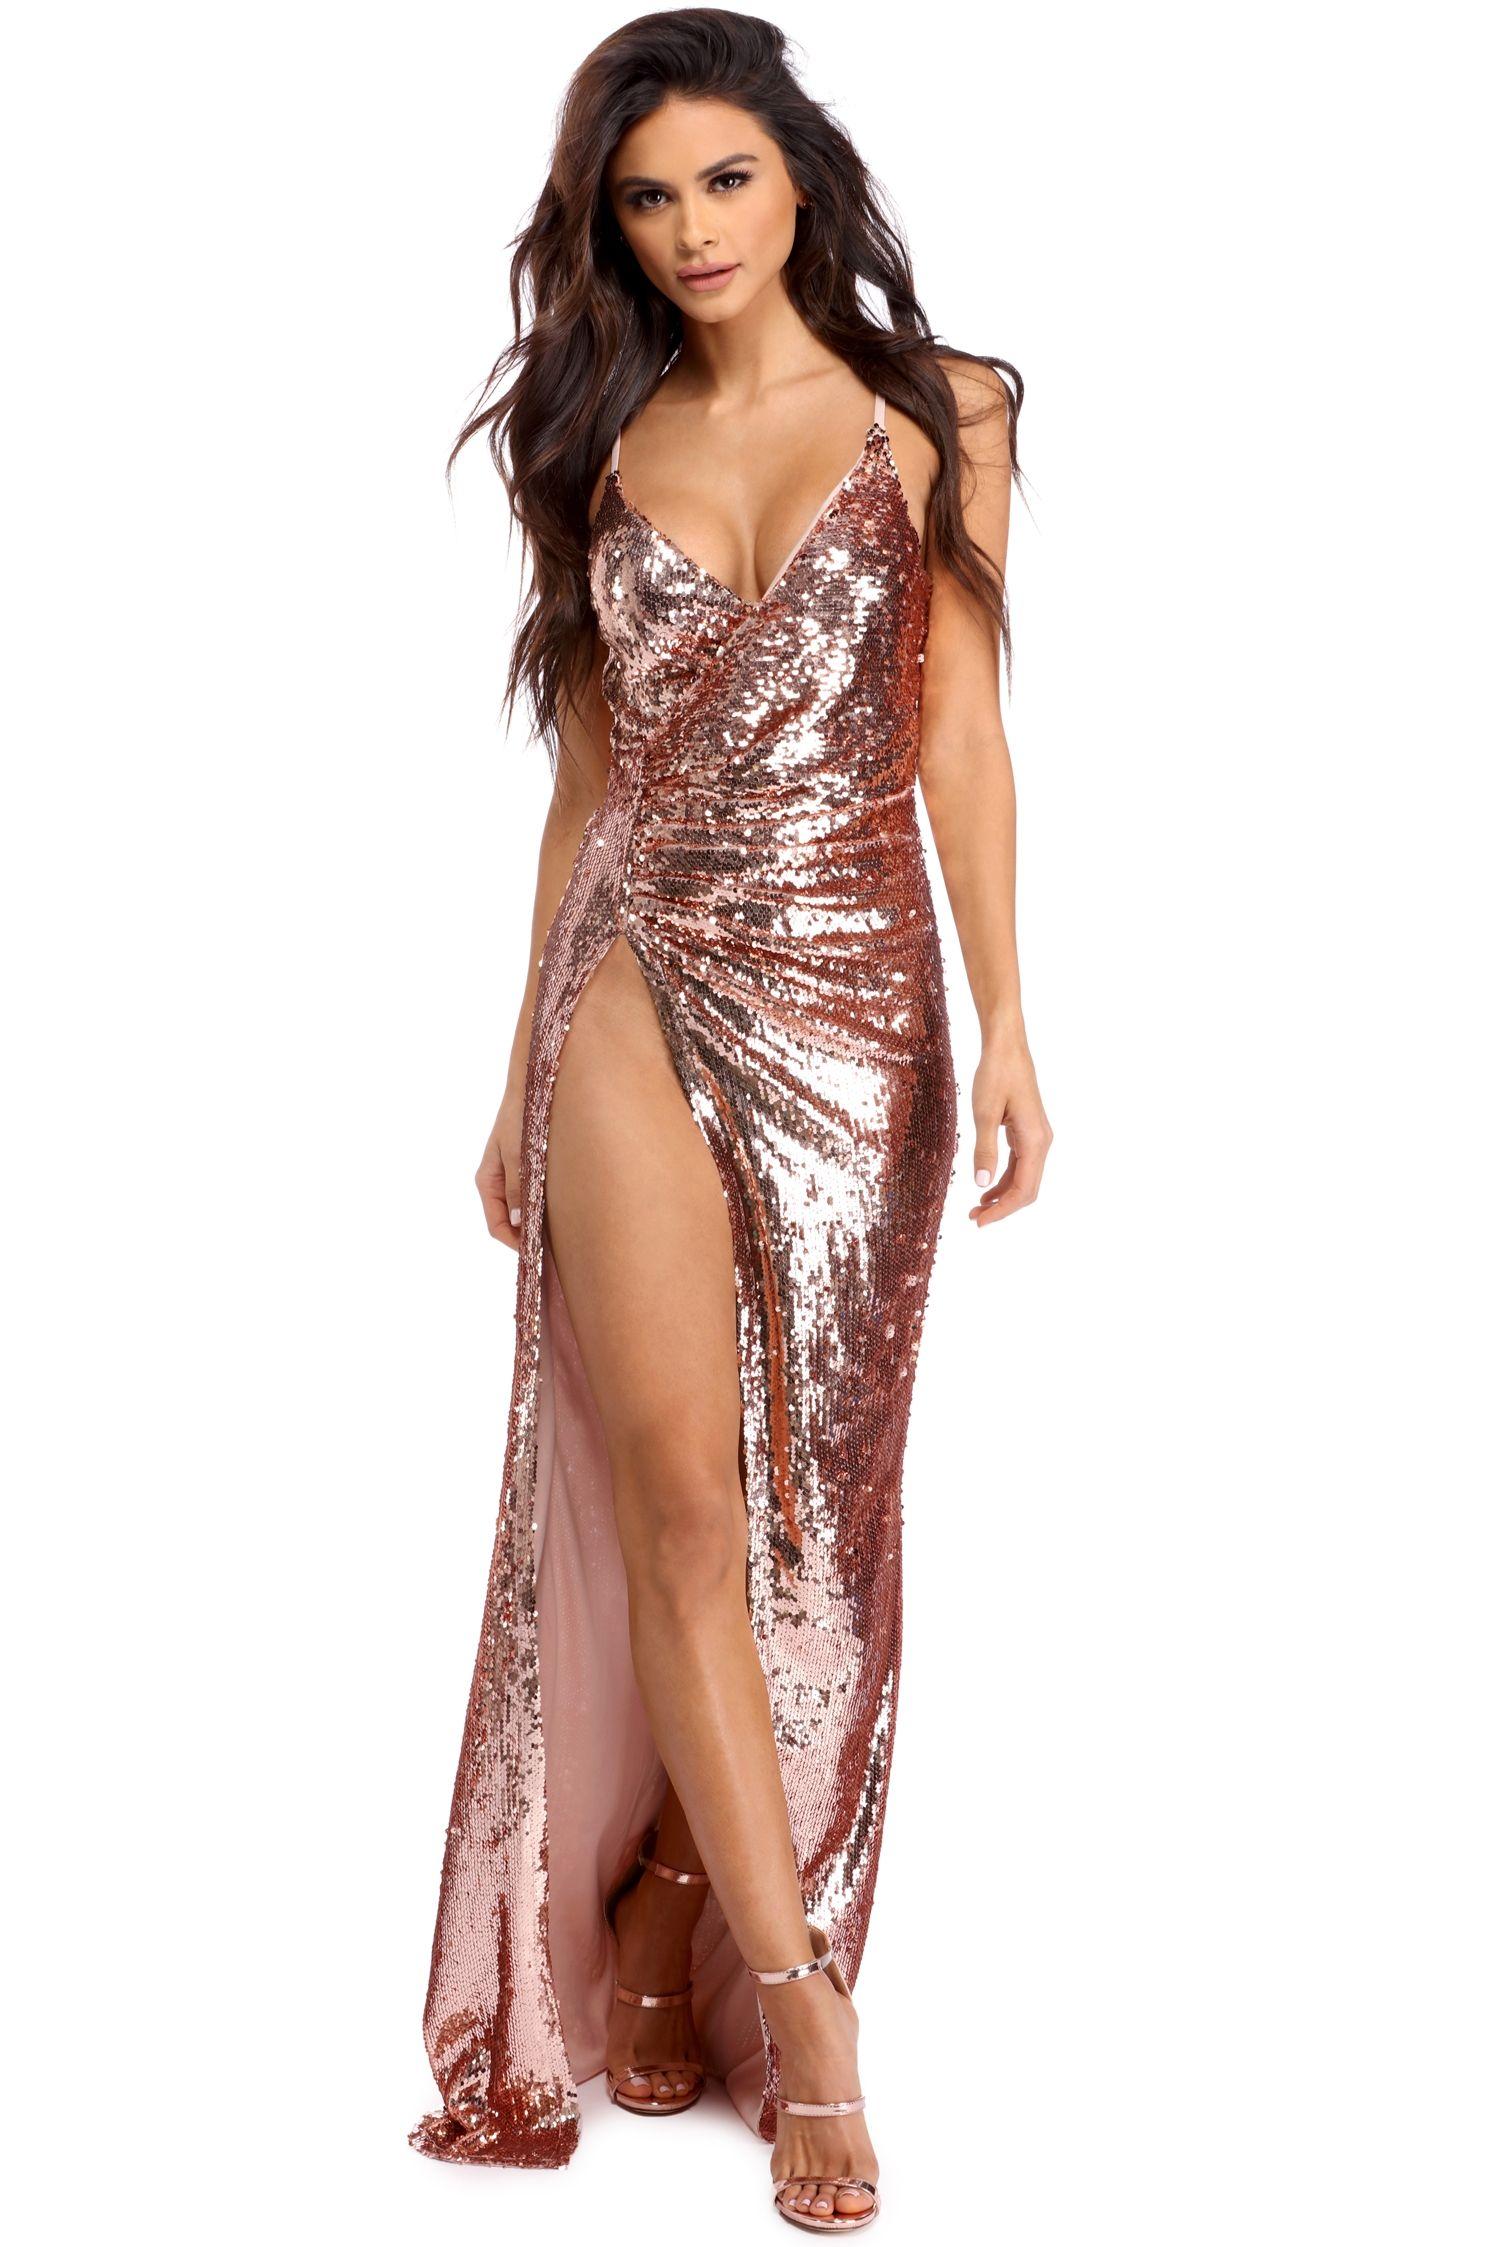 Windsor Gold Dress